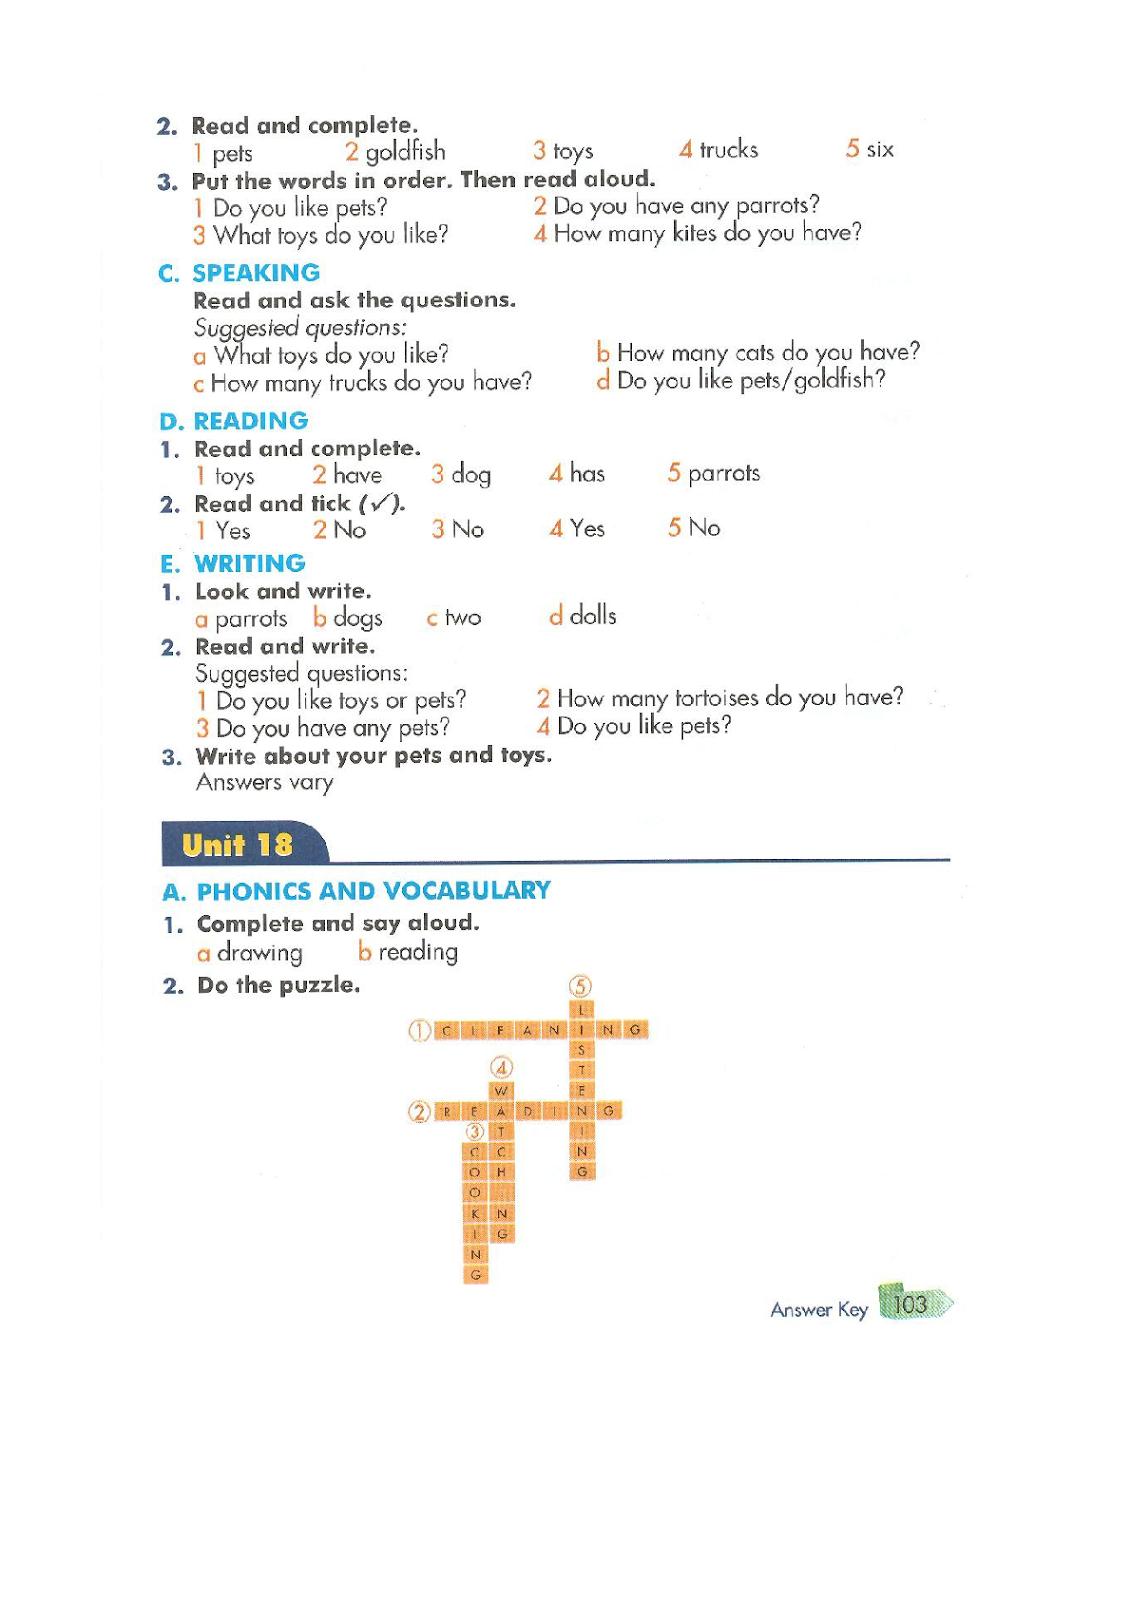 Answer Key - Sách Bài Tập Tiếng Anh Lớp 3 - Sách Lớp 3